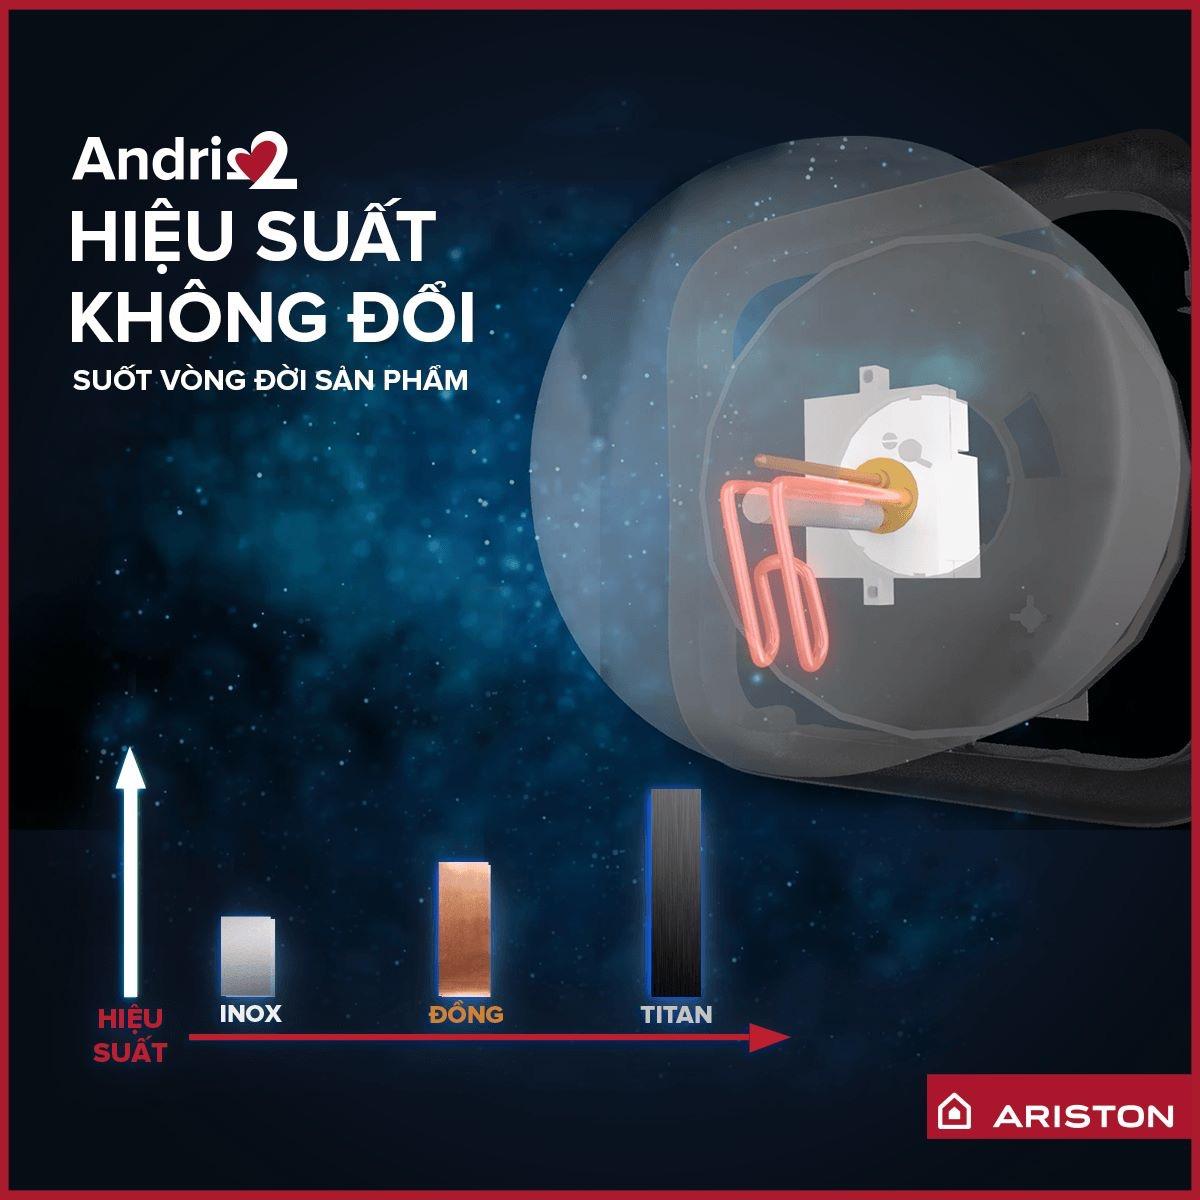 Bình nước nóng Ariston ANDRIS2 30L RS 2